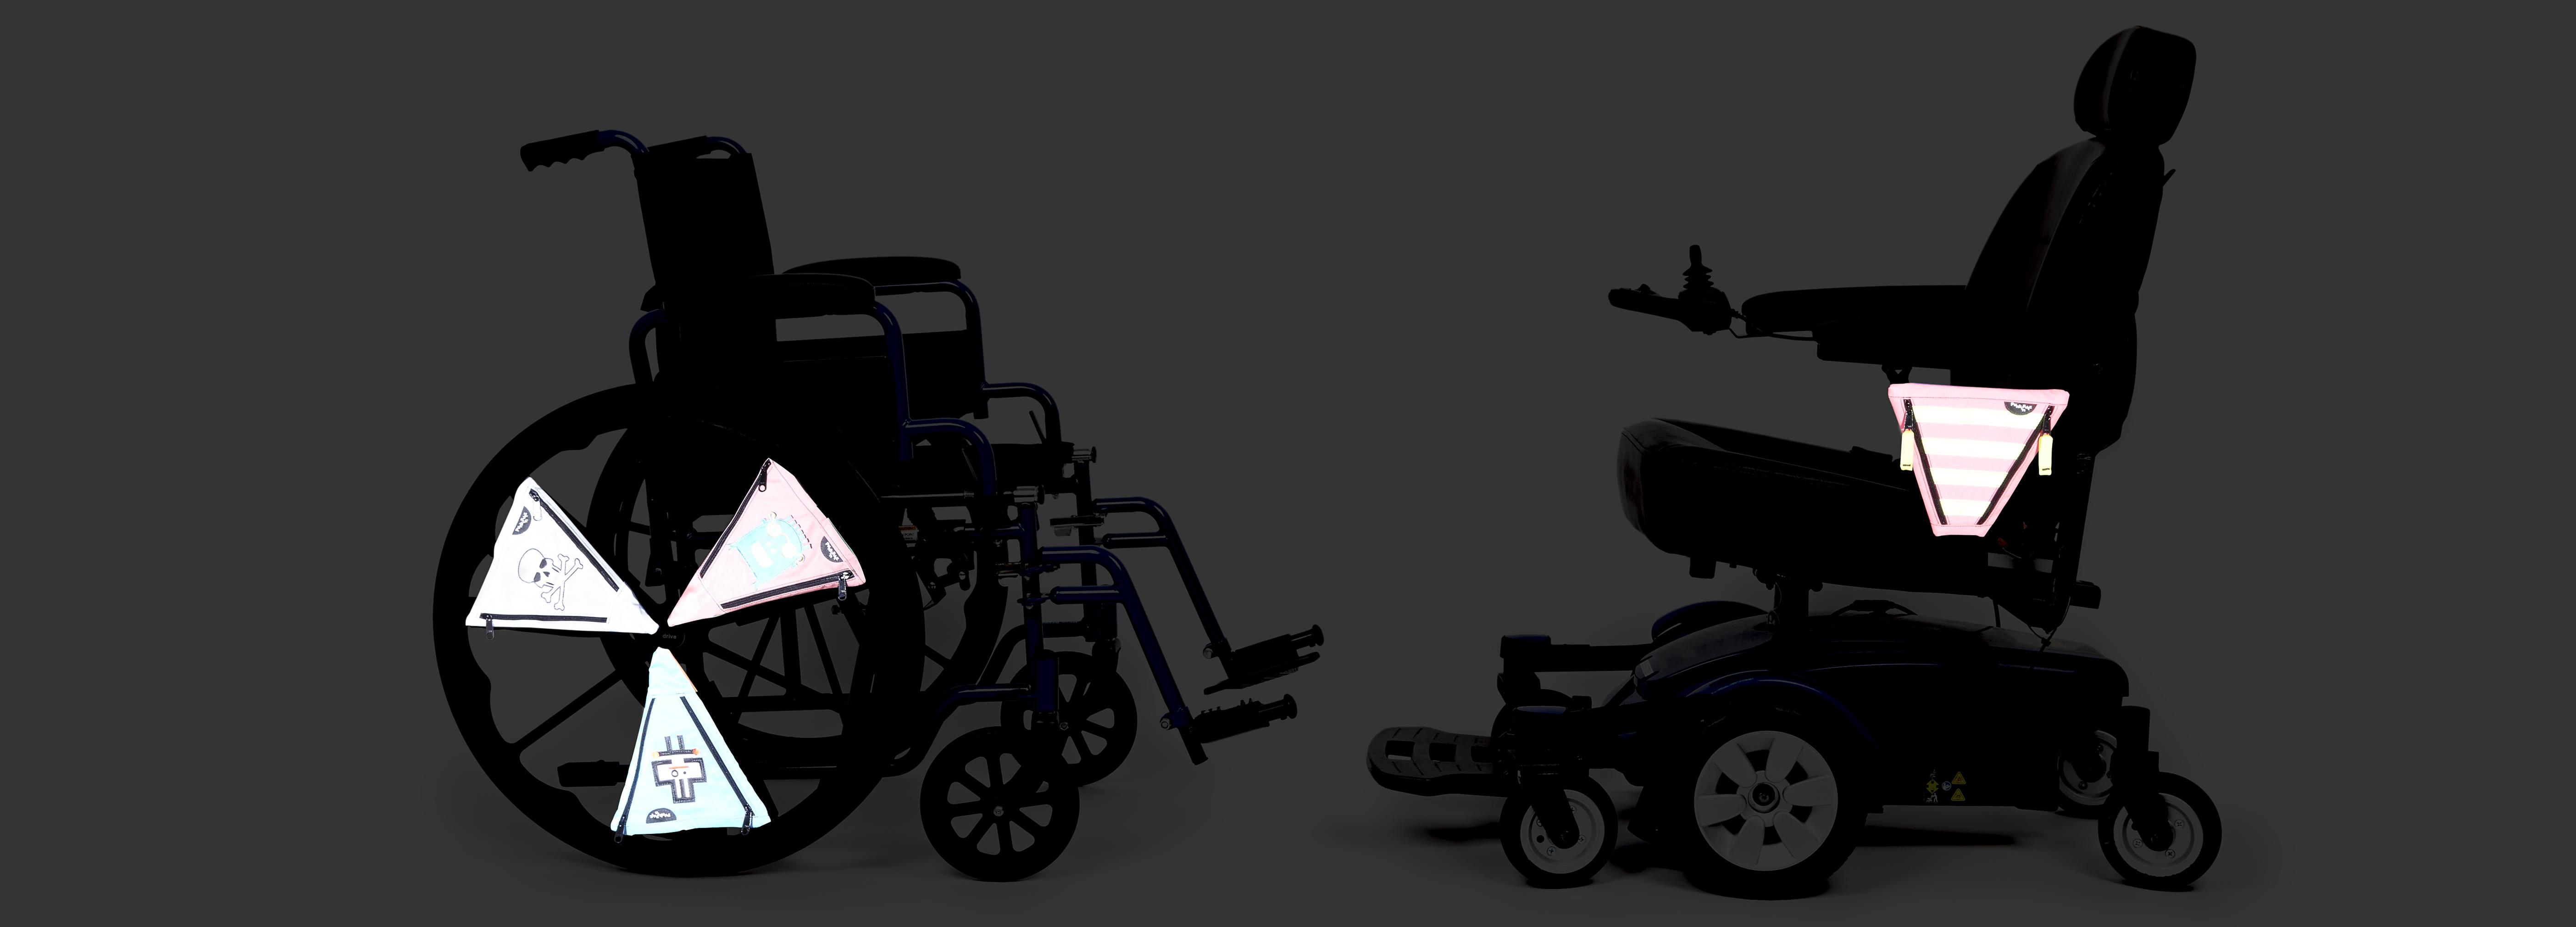 PunkinPies on Wheelchairs in the dark